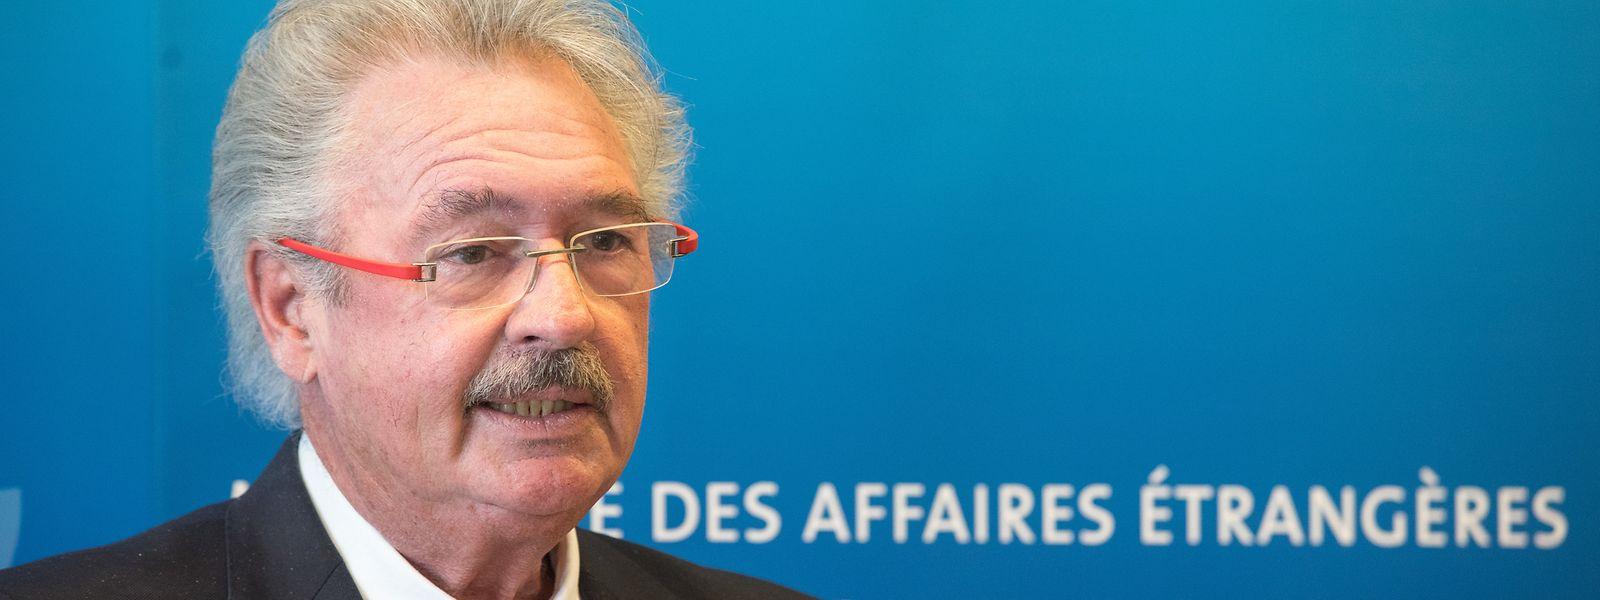 Jean Asselborn, ministre des Affaires étrangères explique que le « phénomène qui grandit est que nous avons toujours plus de personnes qui avaient déjà le statut de la protection internationale dans un autre pays».